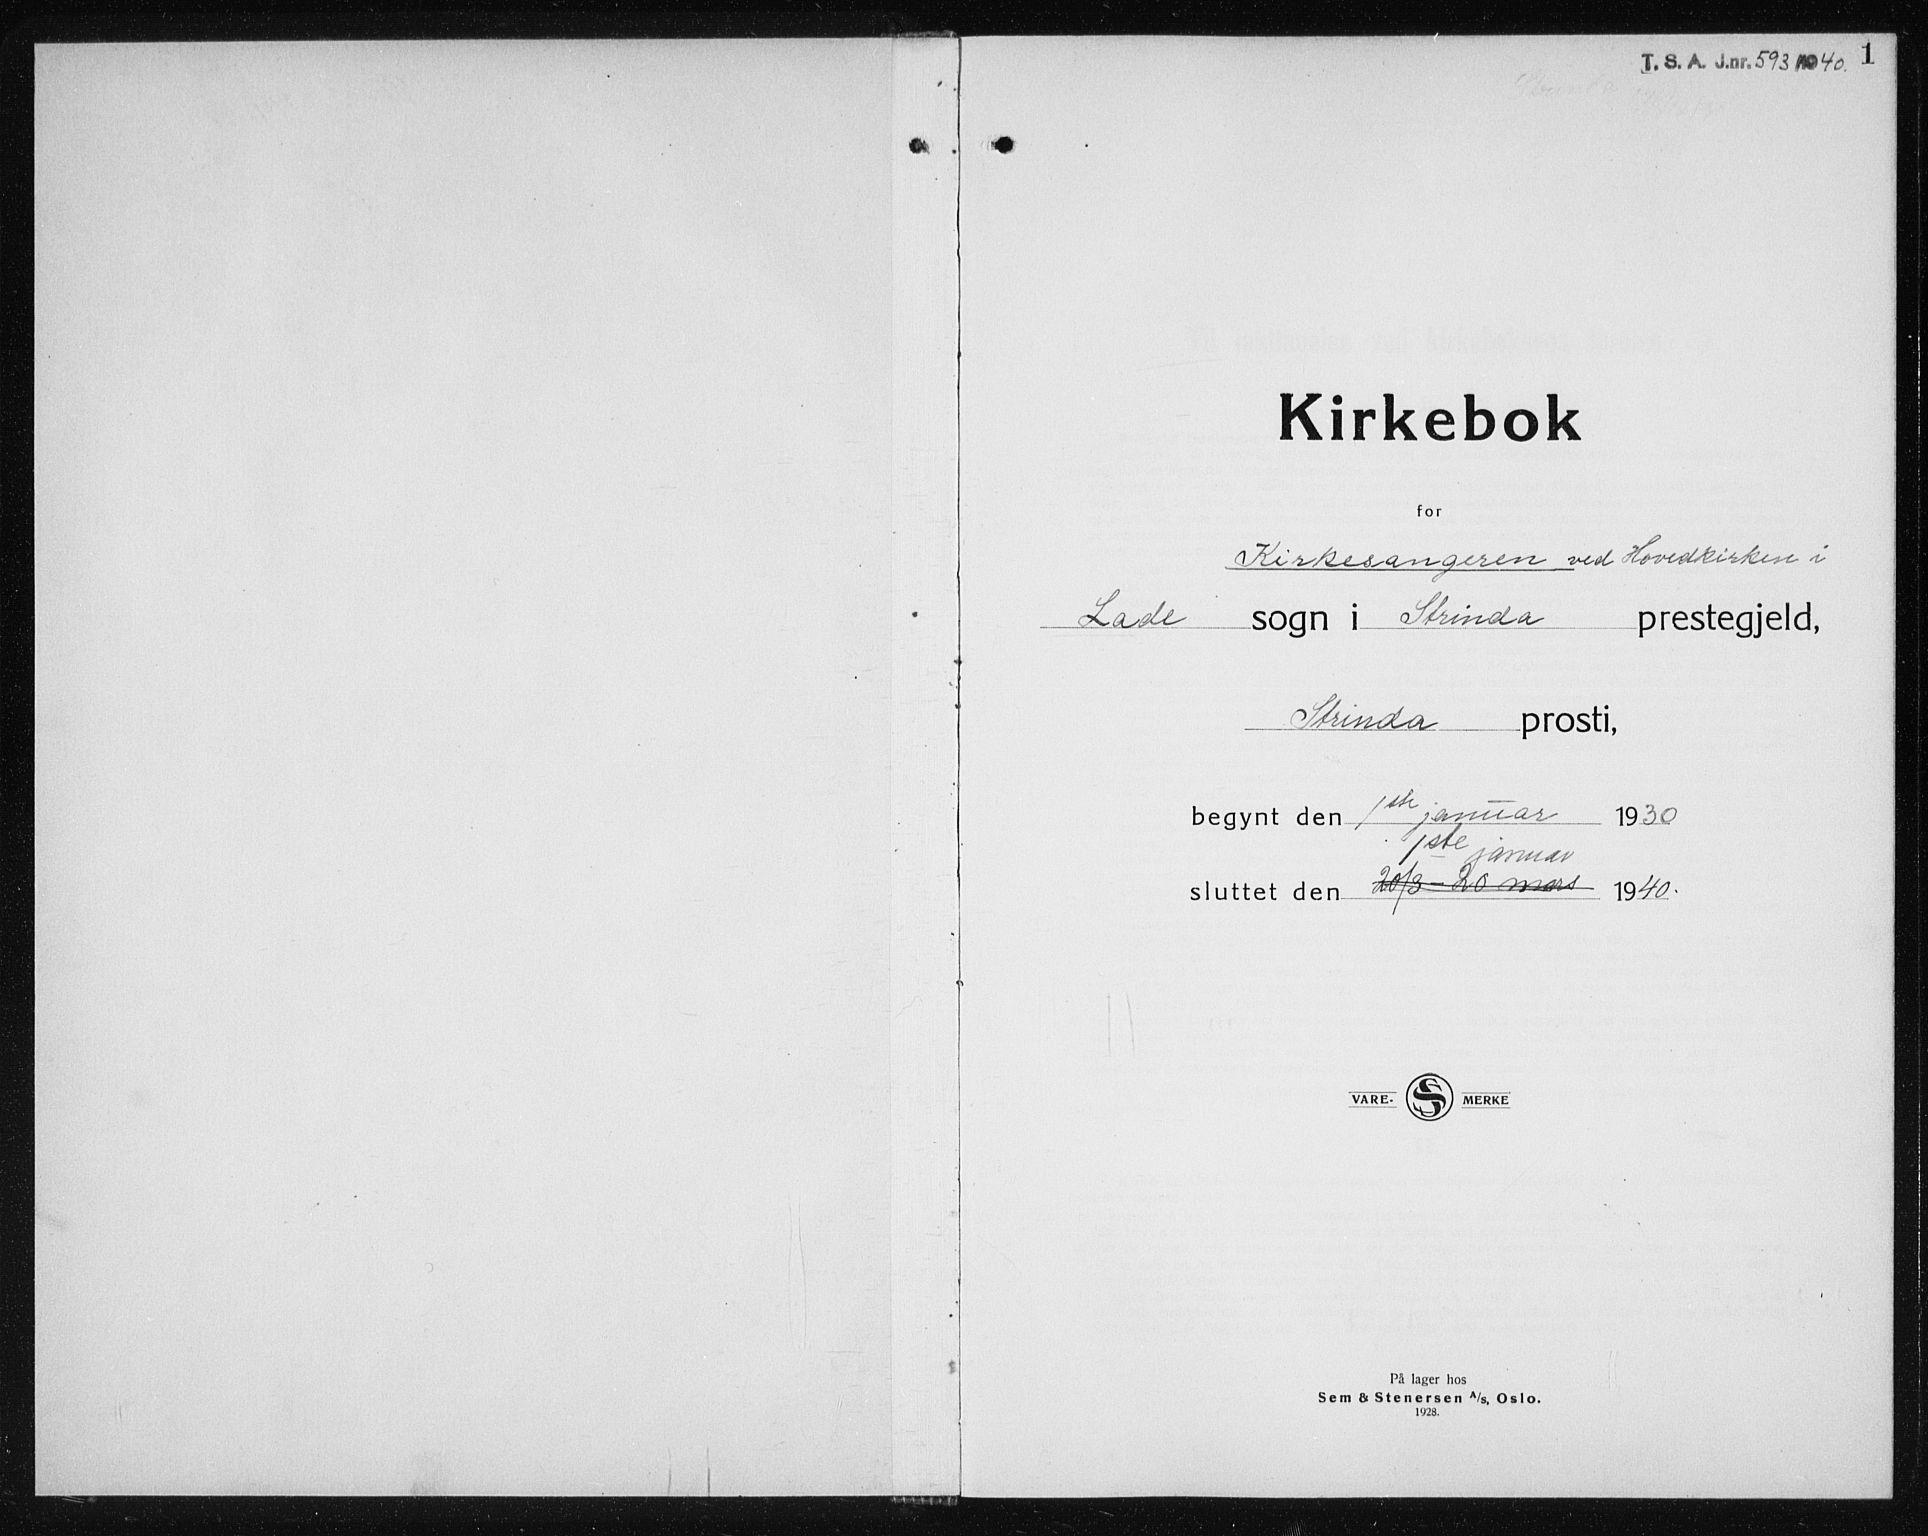 SAT, Ministerialprotokoller, klokkerbøker og fødselsregistre - Sør-Trøndelag, 607/L0327: Klokkerbok nr. 607C01, 1930-1939, s. 1